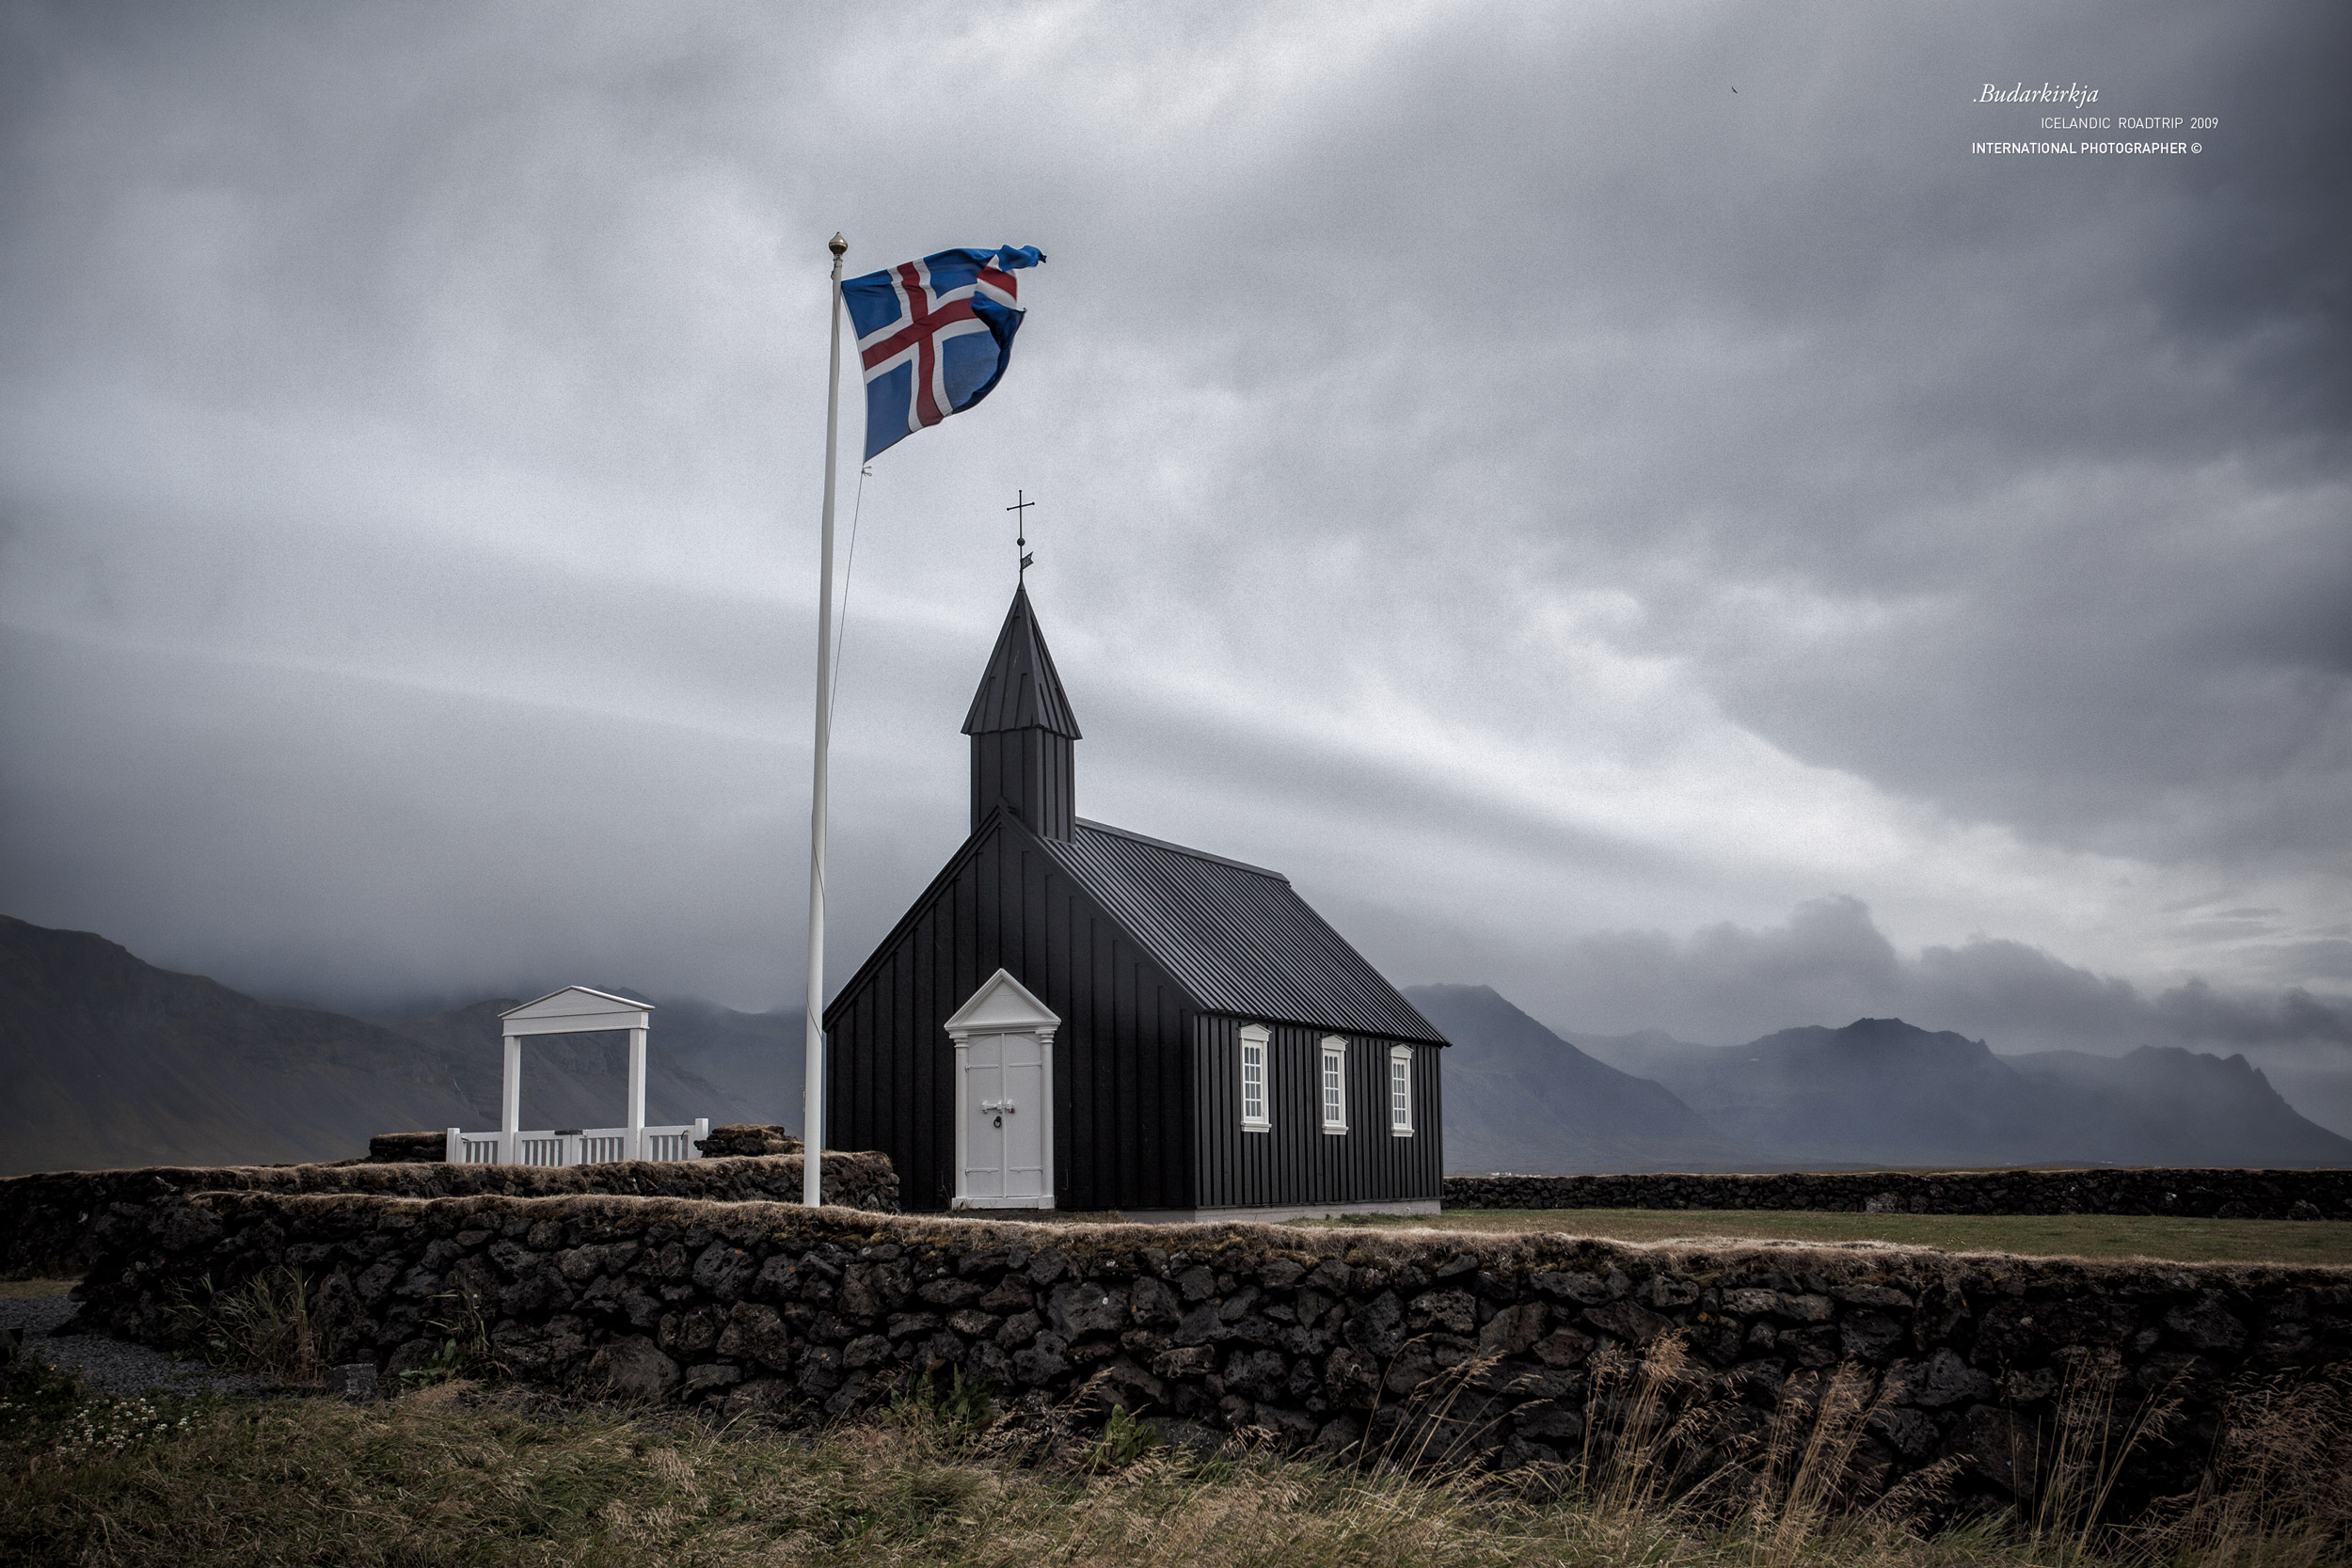 L'église noire de Budir avec son drapeau islandais